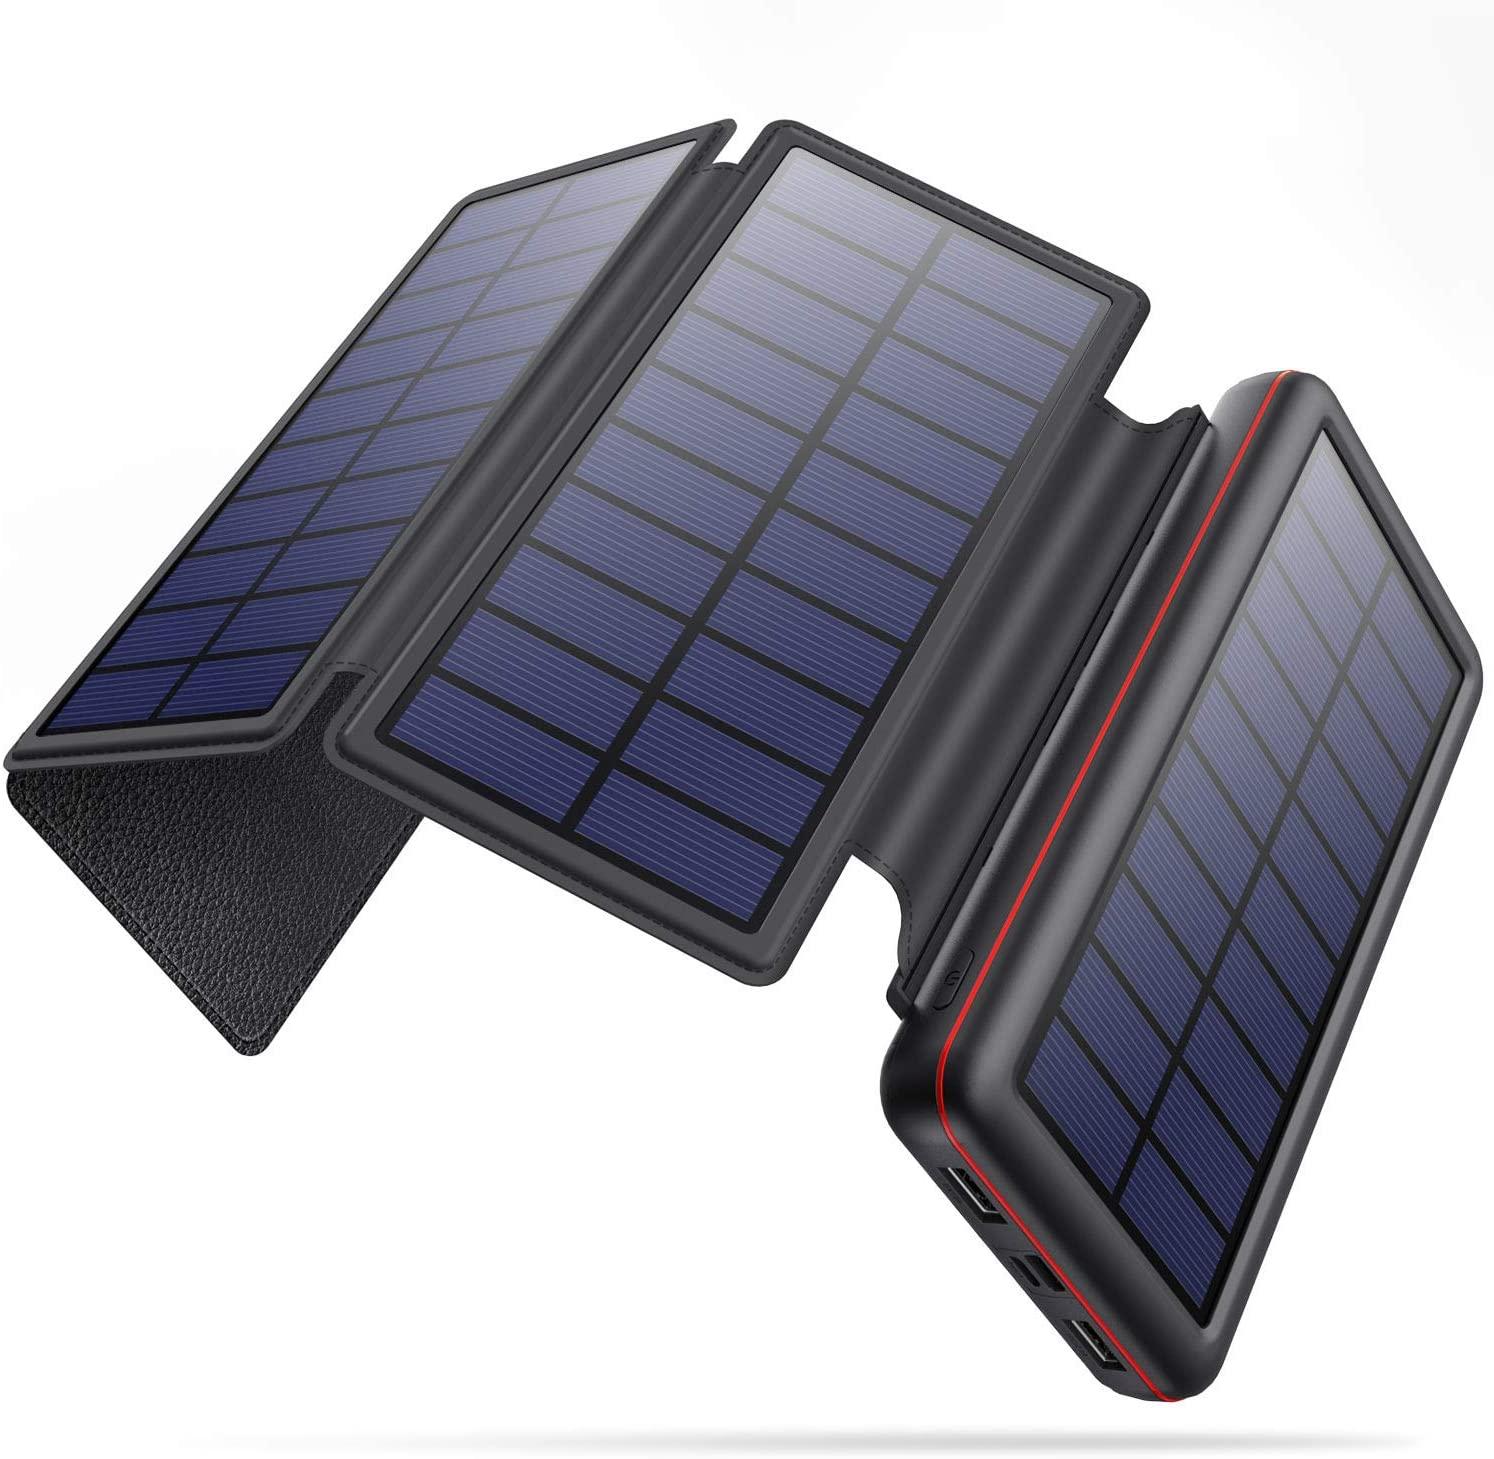 HETP Solar Charger